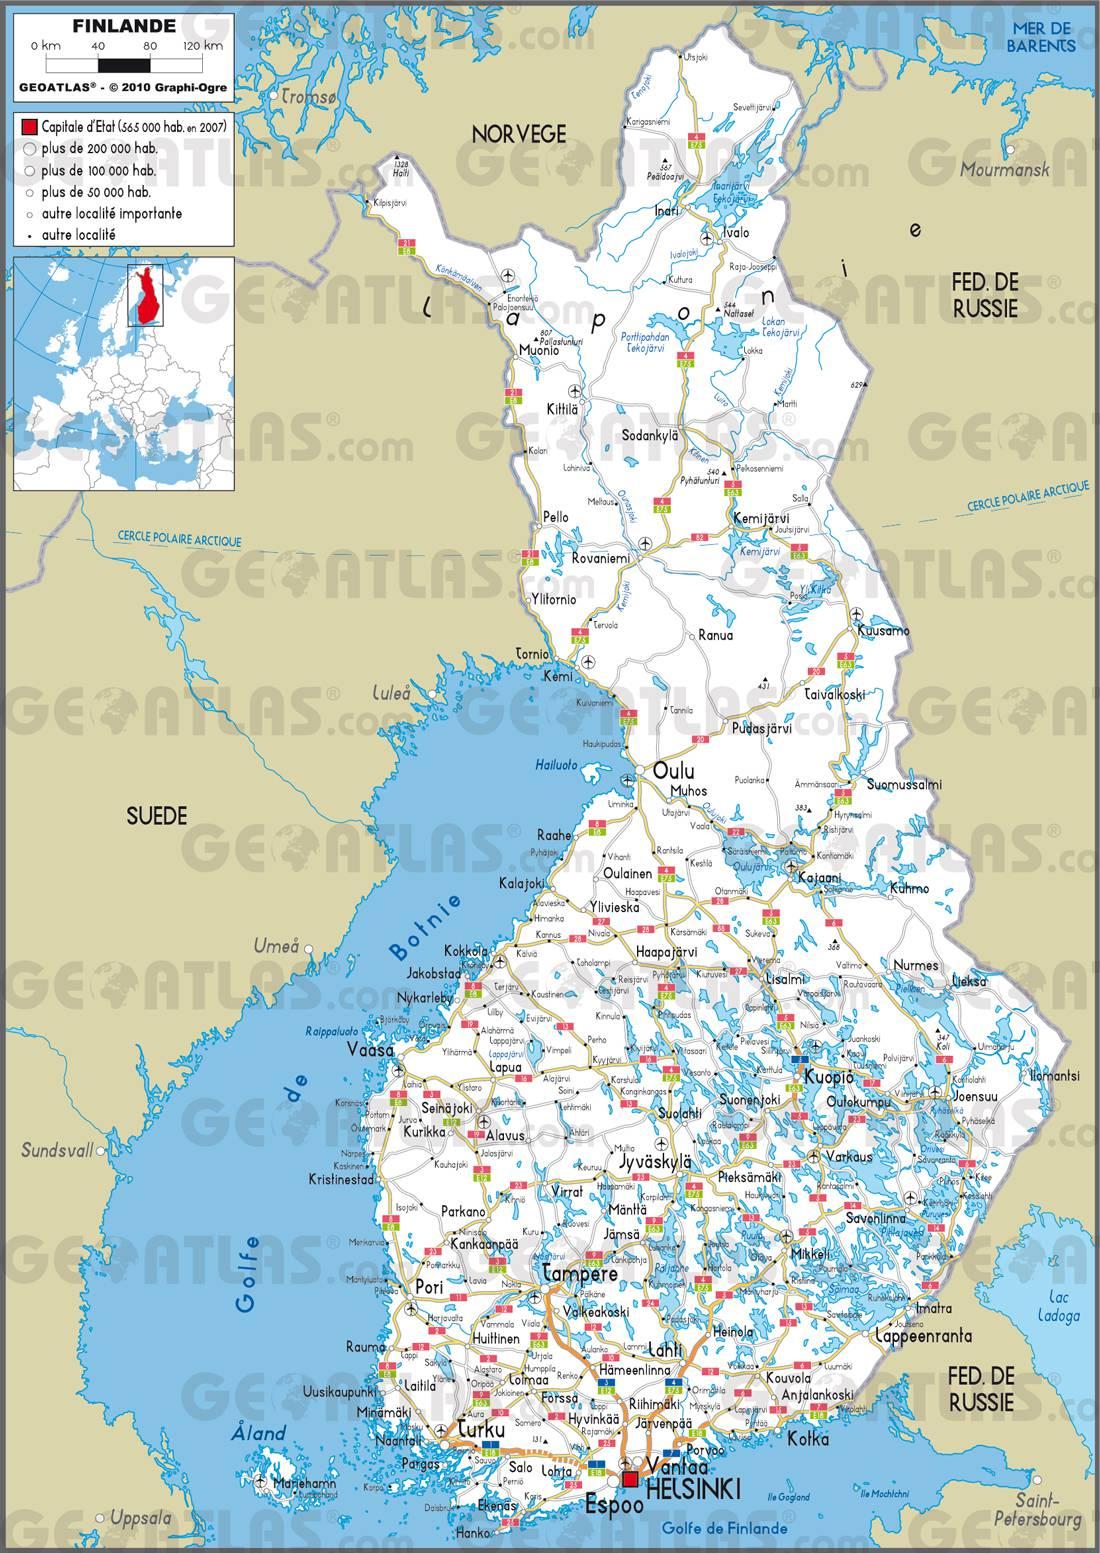 Carte routière de la Finlande